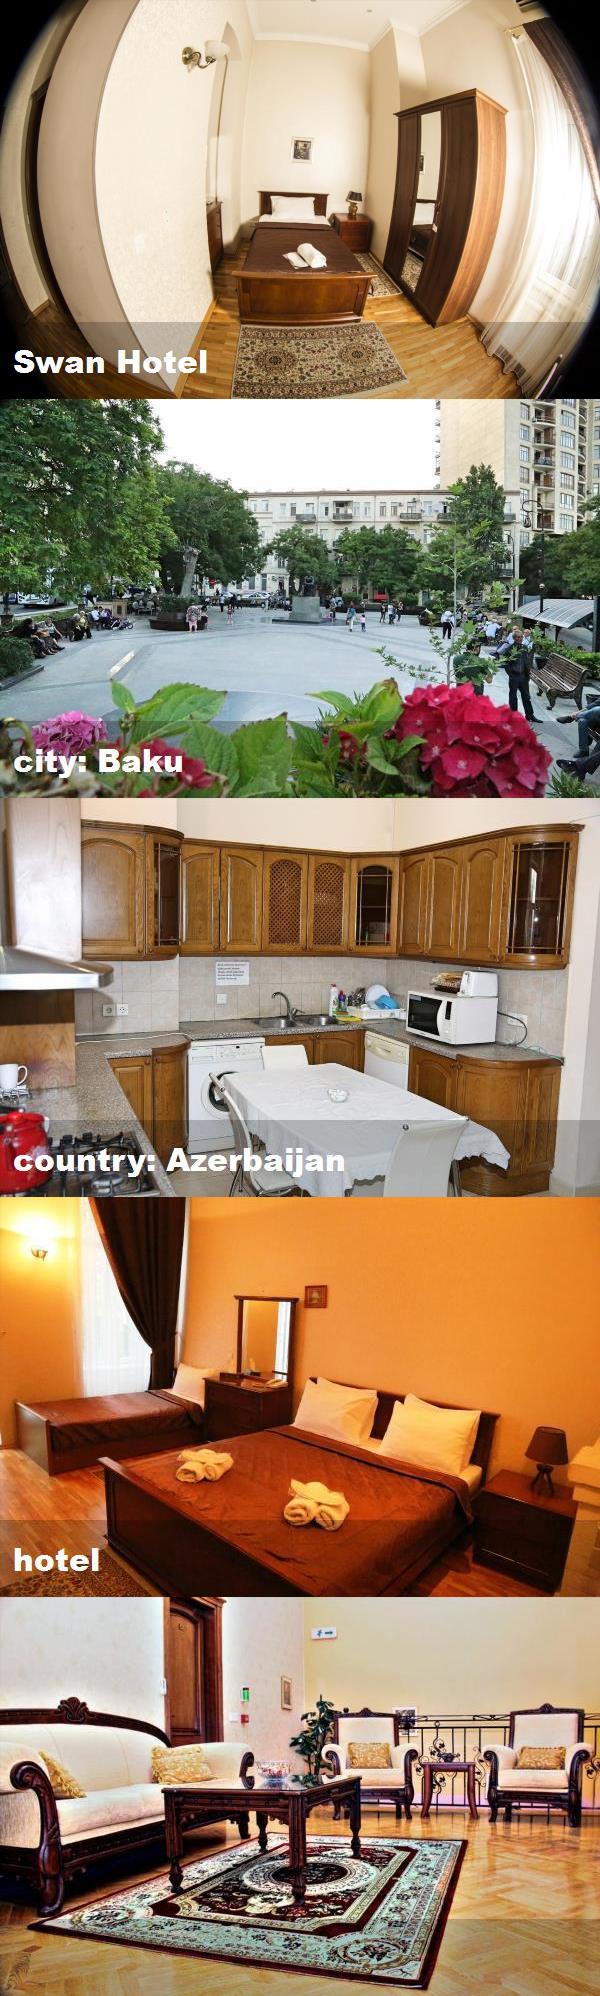 Swan Hotel City Baku Country Azerbaijan Hotel Hotel House Styles